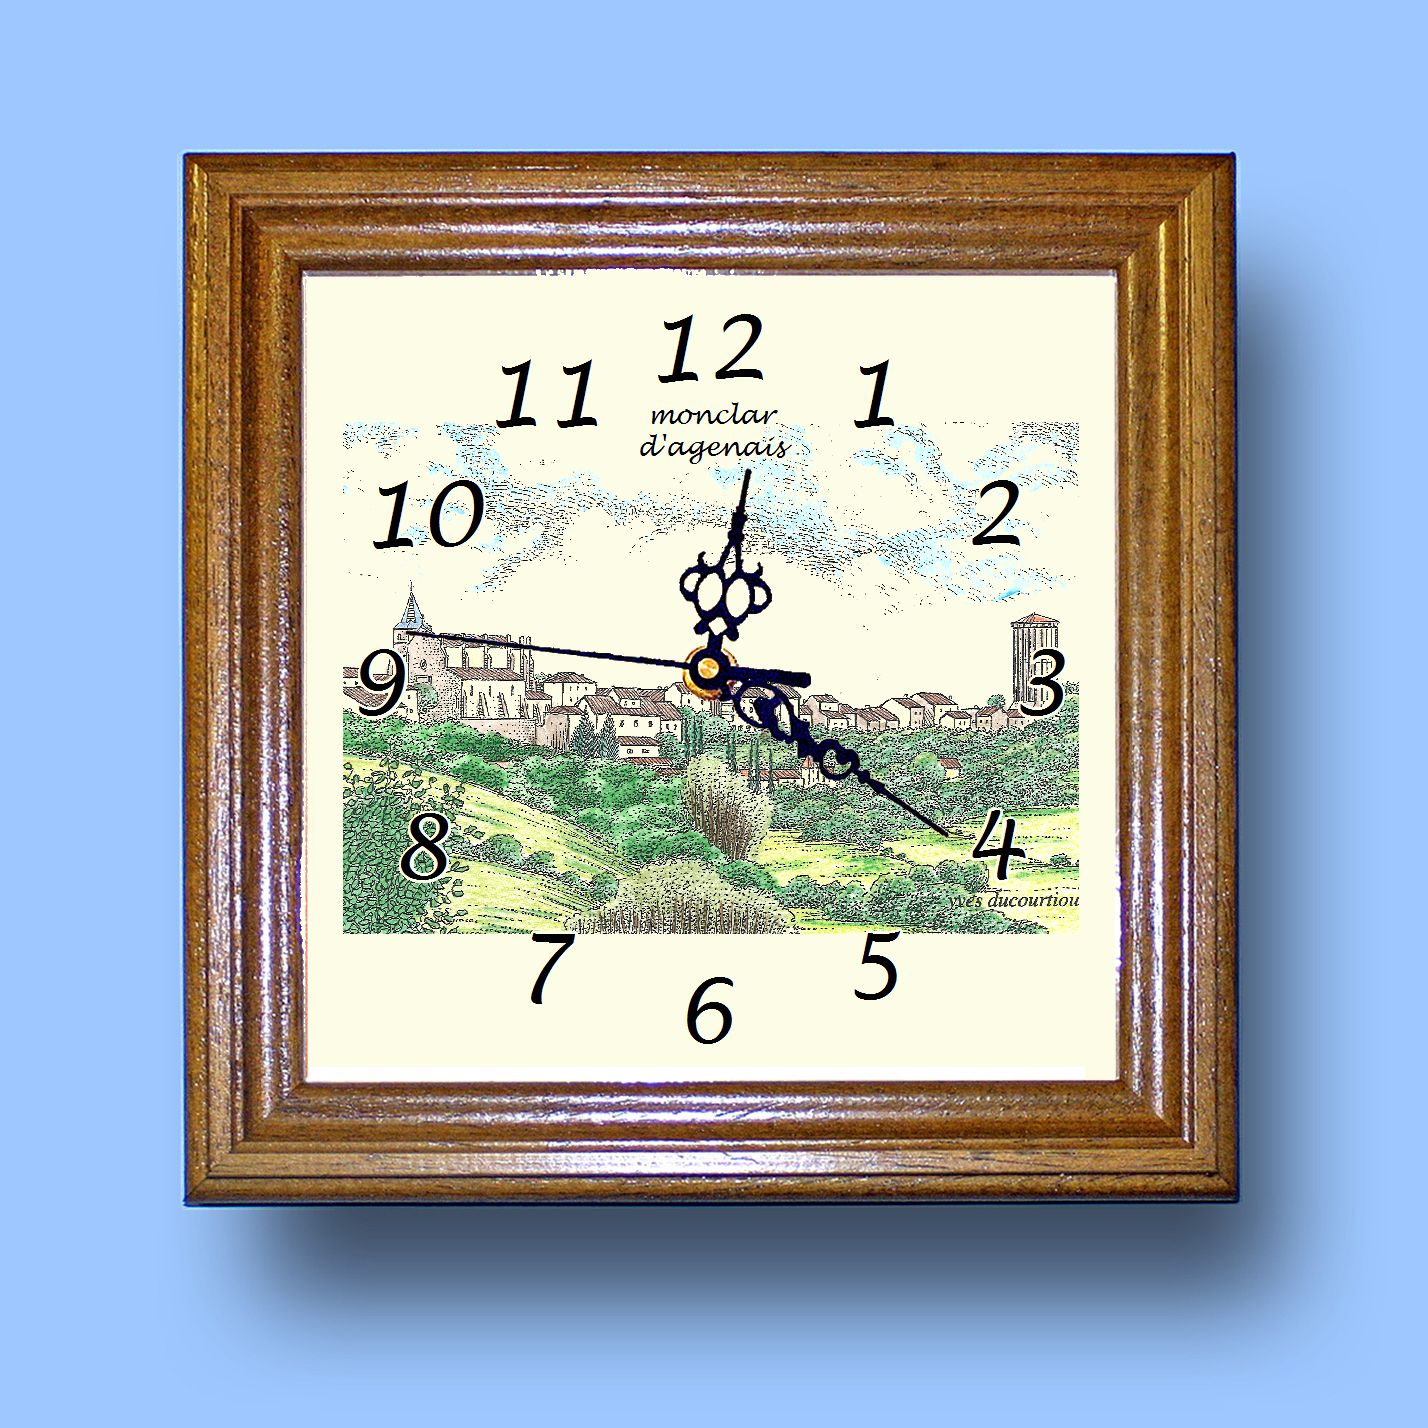 HG CL 47308 - Horloge avec une vue de 47 MONCLAR D AGENAIS Ohl2i4iR-08033734-192650995